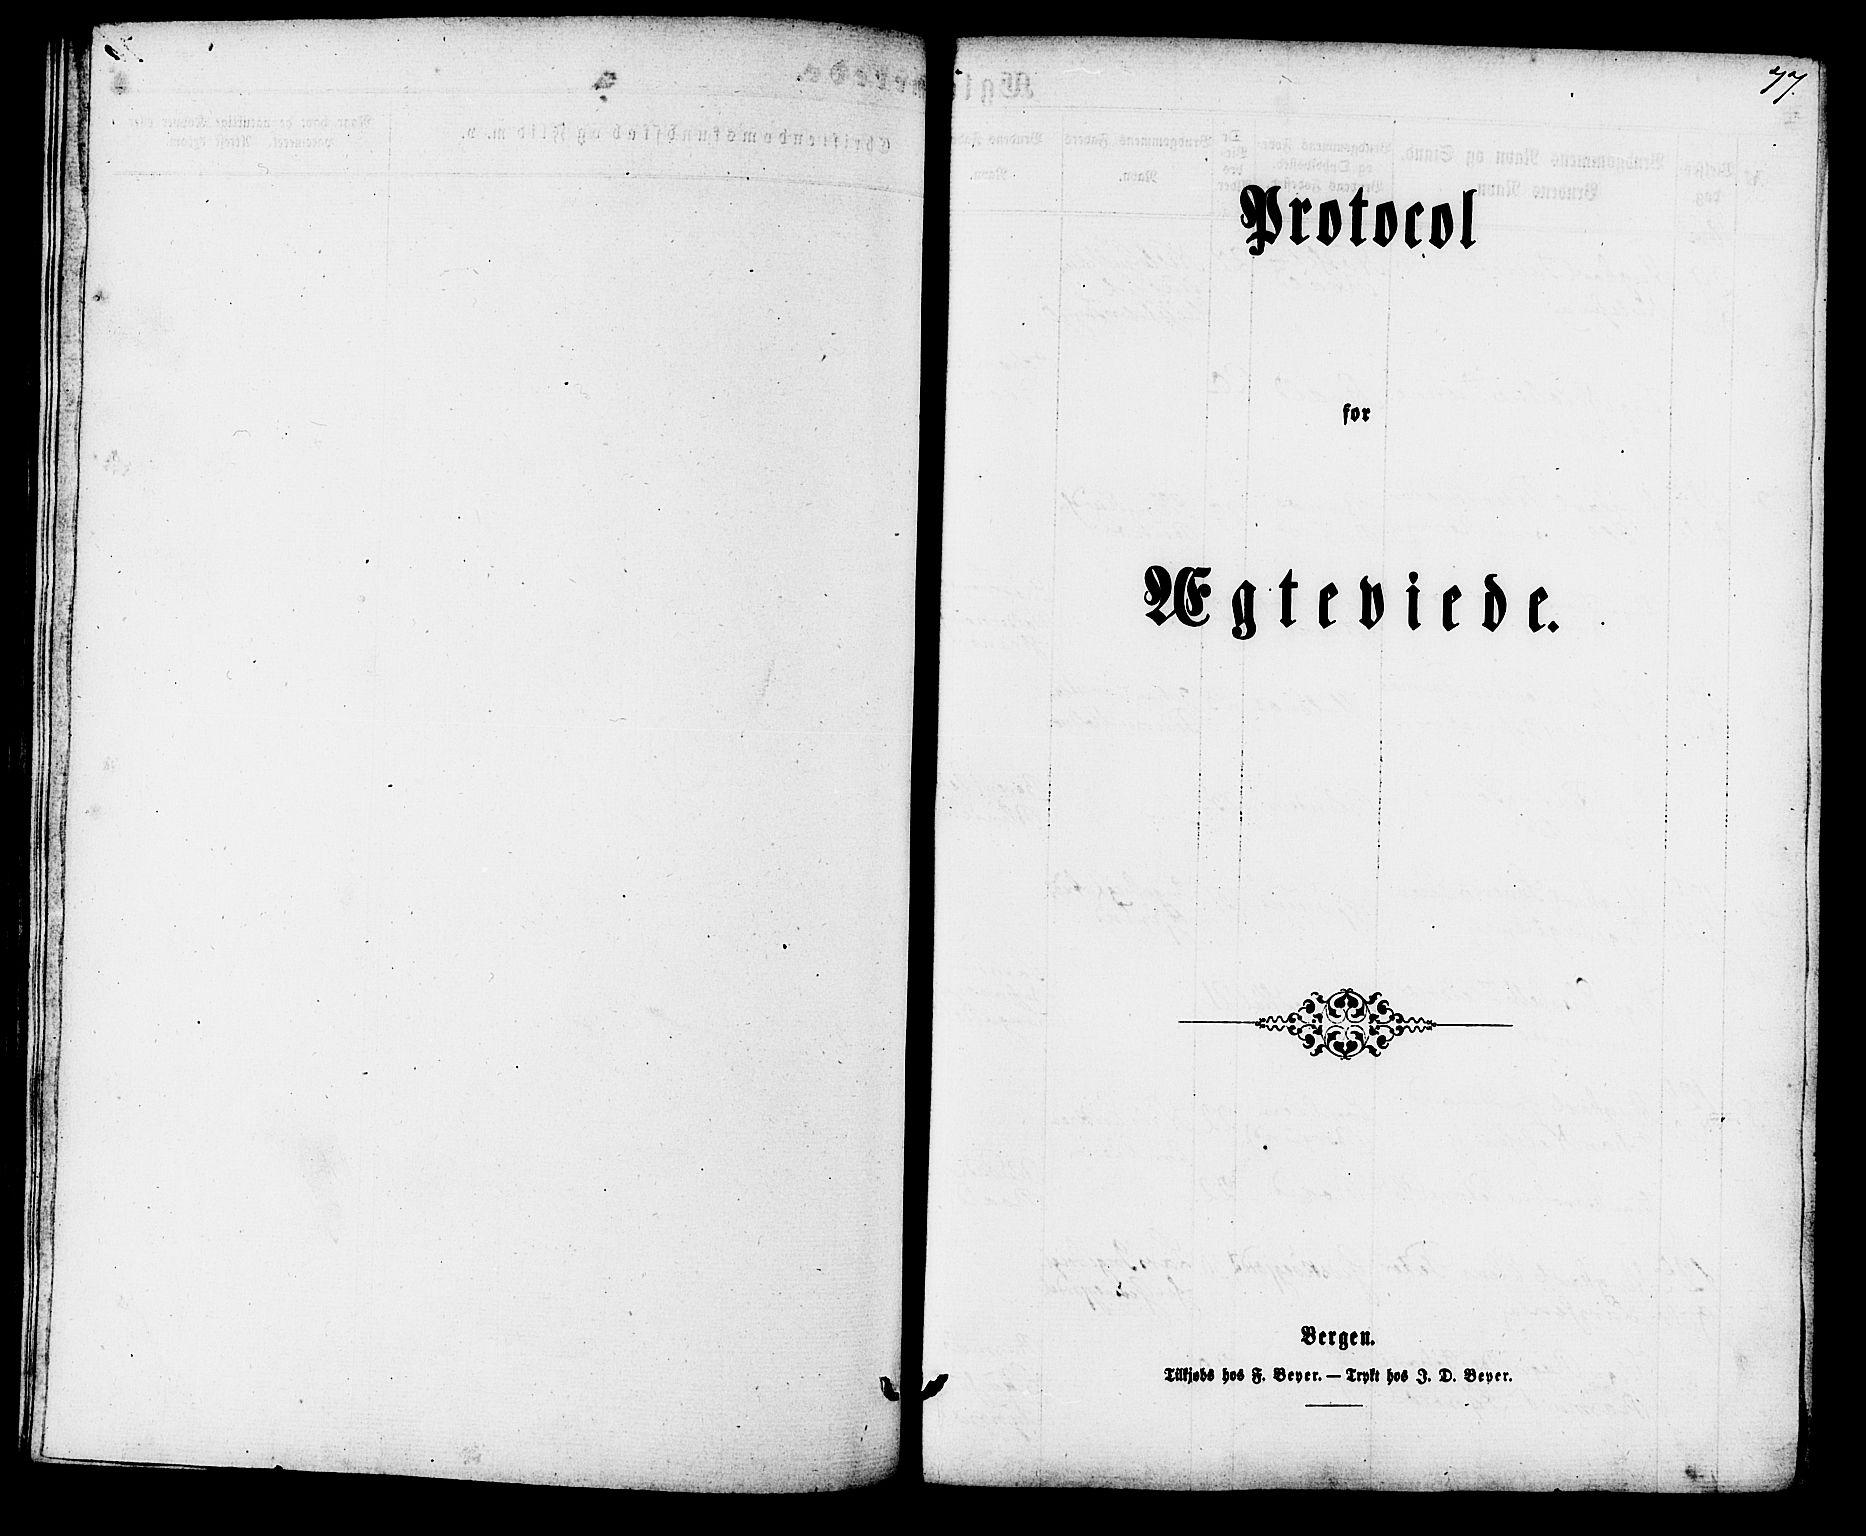 SAT, Ministerialprotokoller, klokkerbøker og fødselsregistre - Møre og Romsdal, 537/L0518: Ministerialbok nr. 537A02, 1862-1876, s. 77